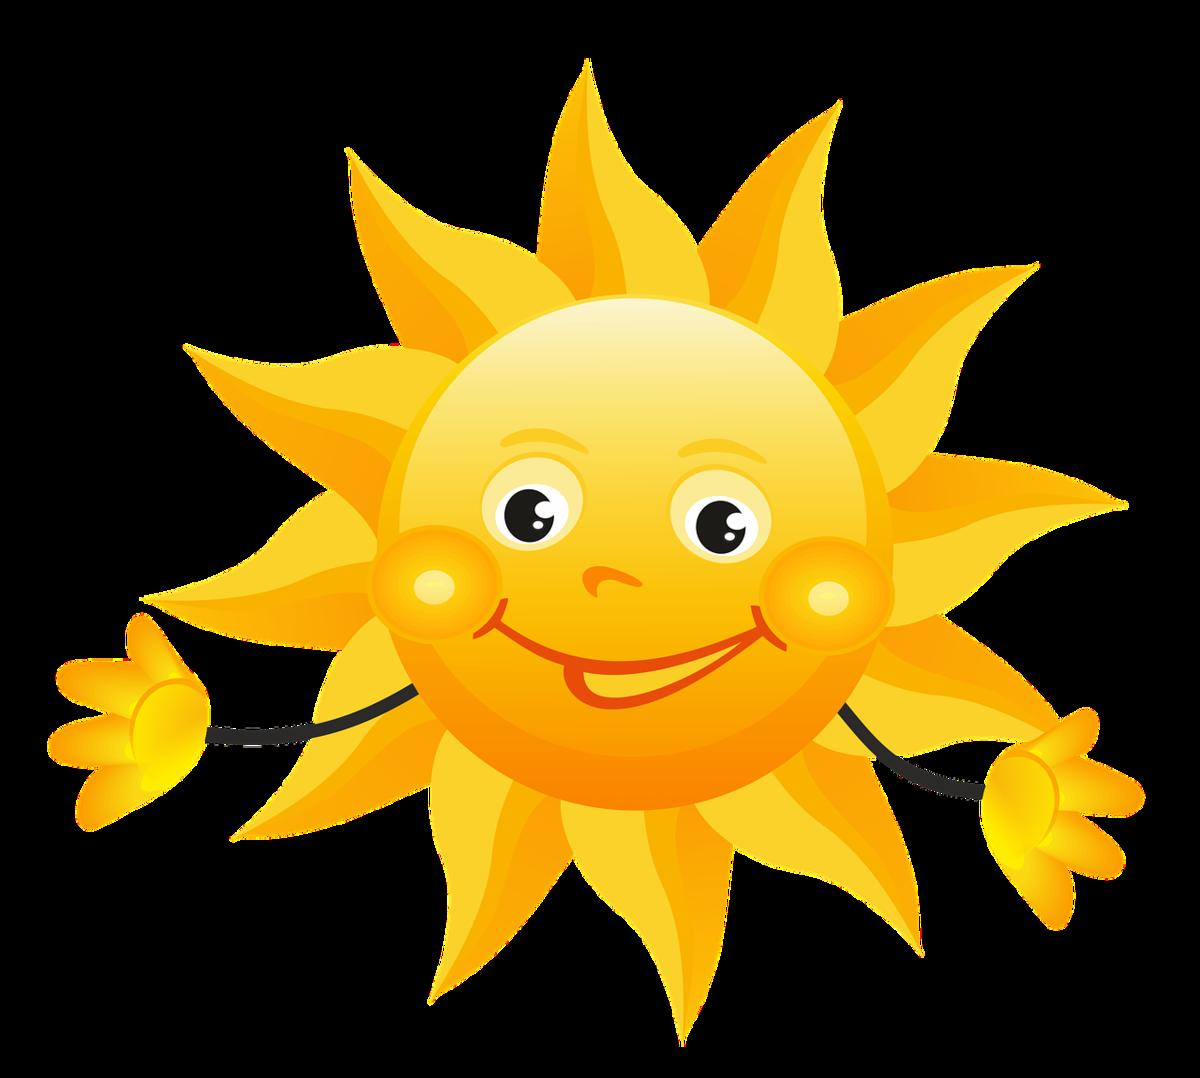 Красивых моделей, лето солнце картинки для детей